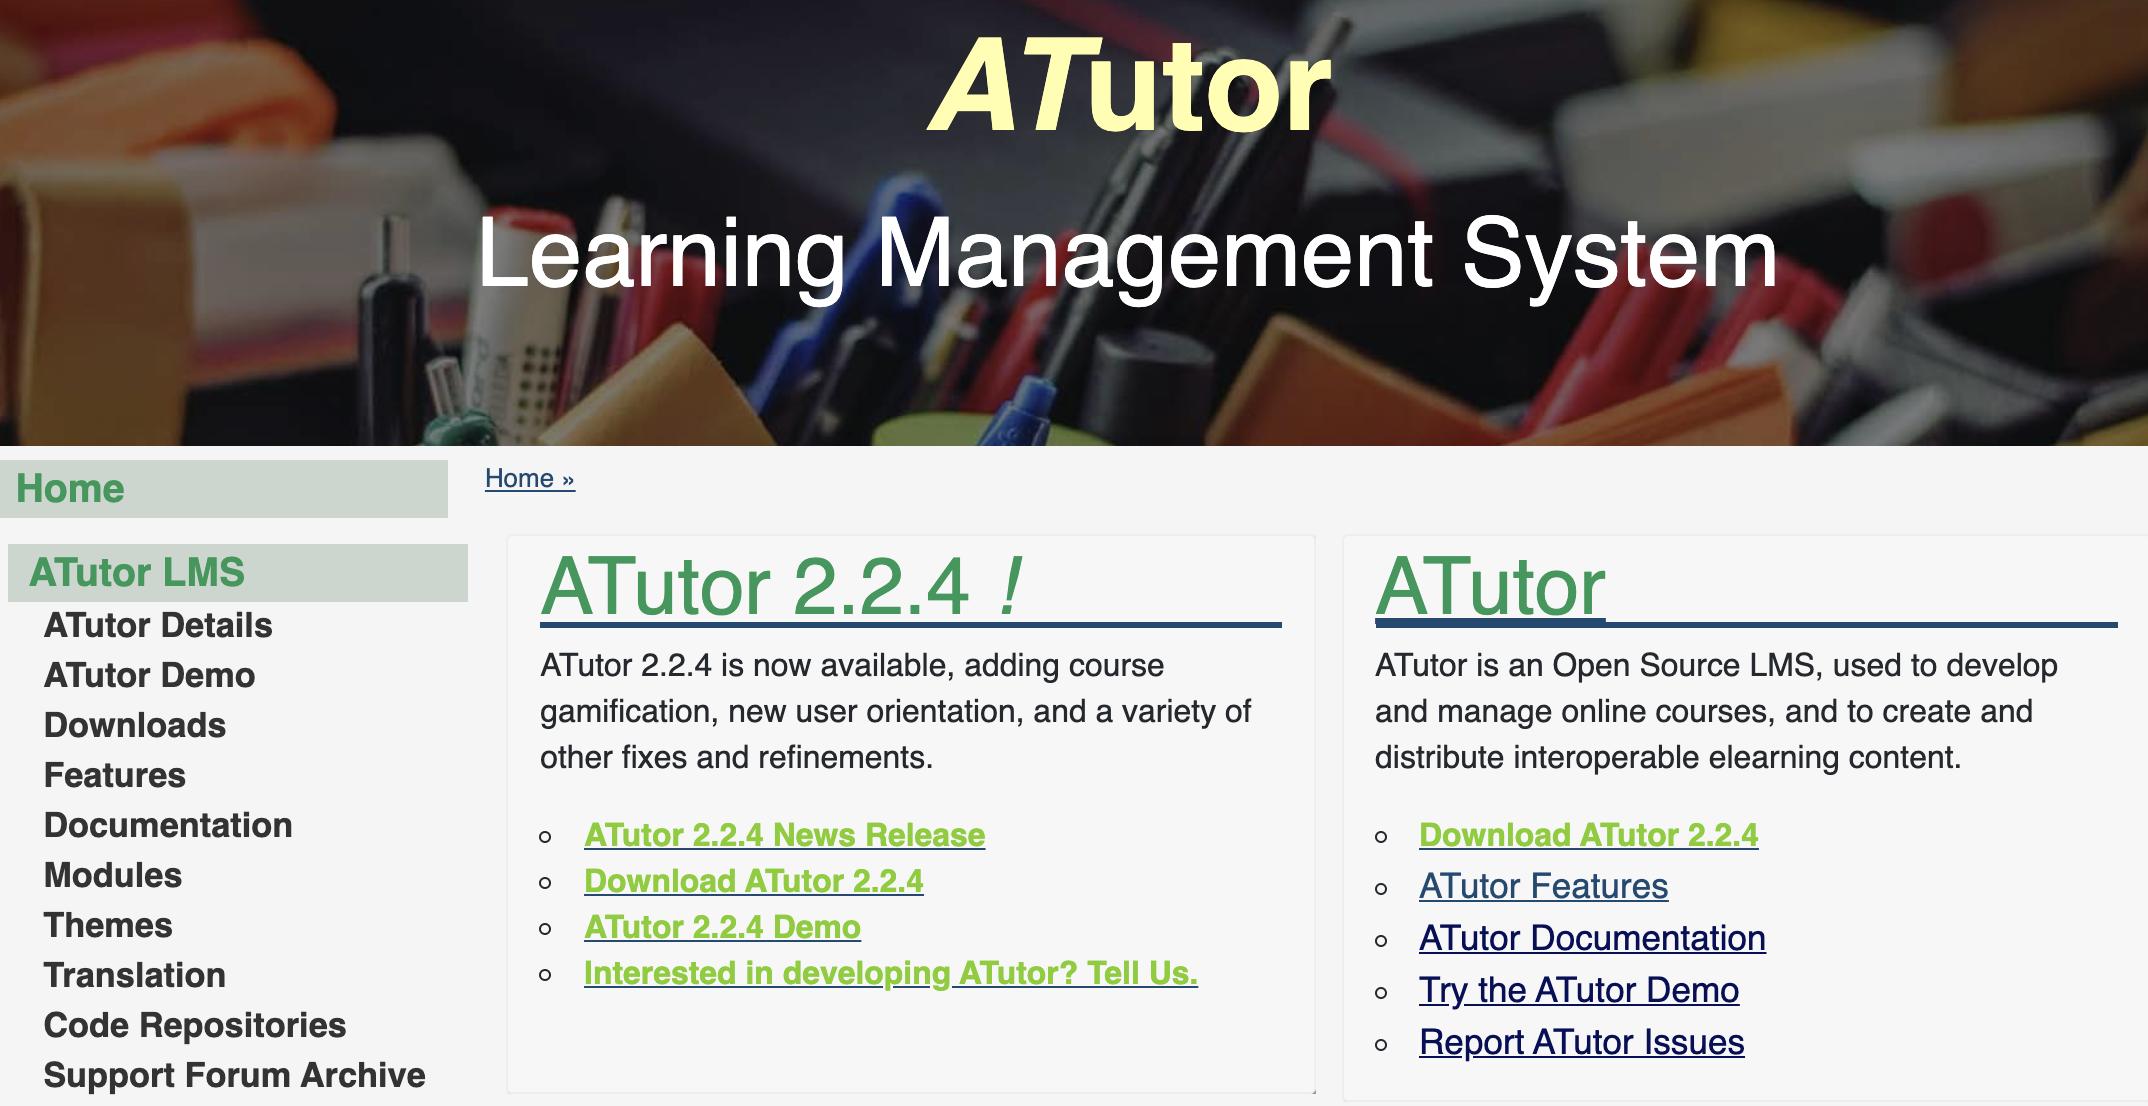 Training Website - AtTutor